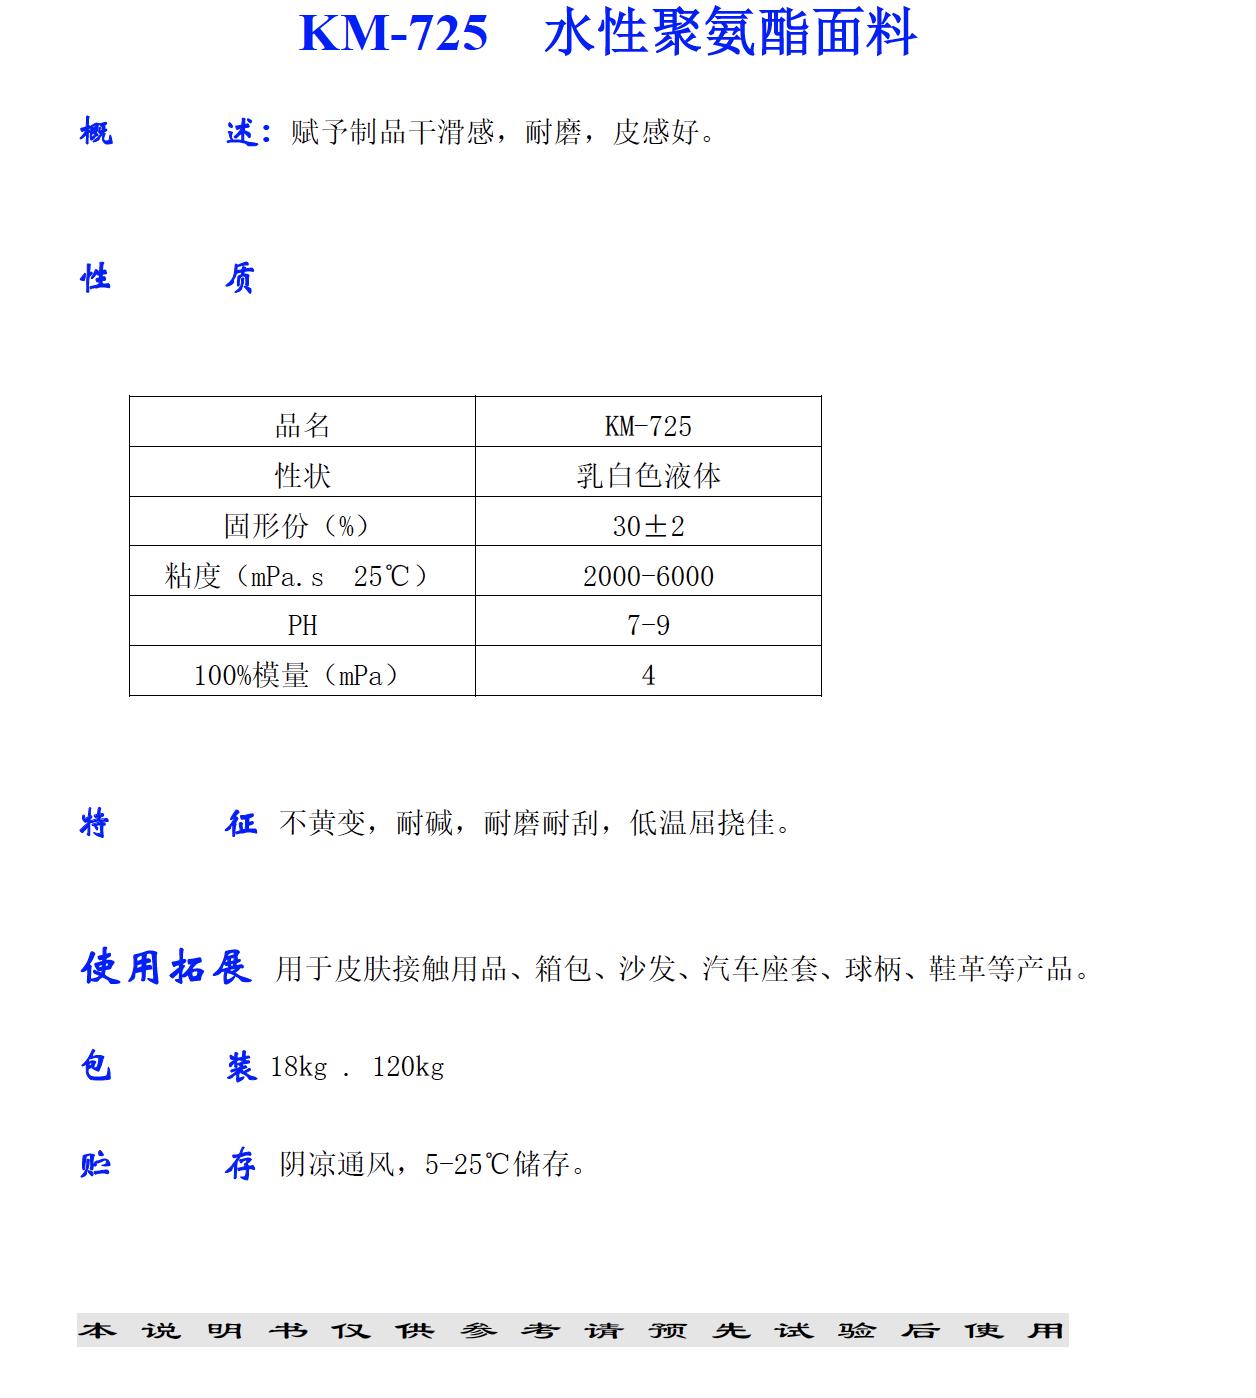 KM-725 水性聚氨酯面料